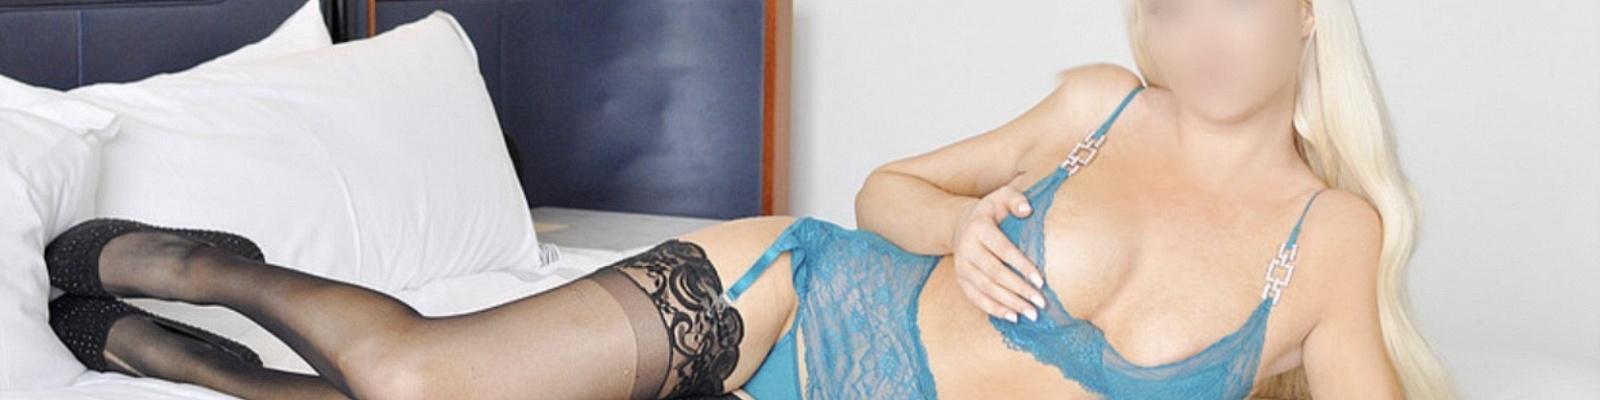 Freya Madsen's Cover Photo